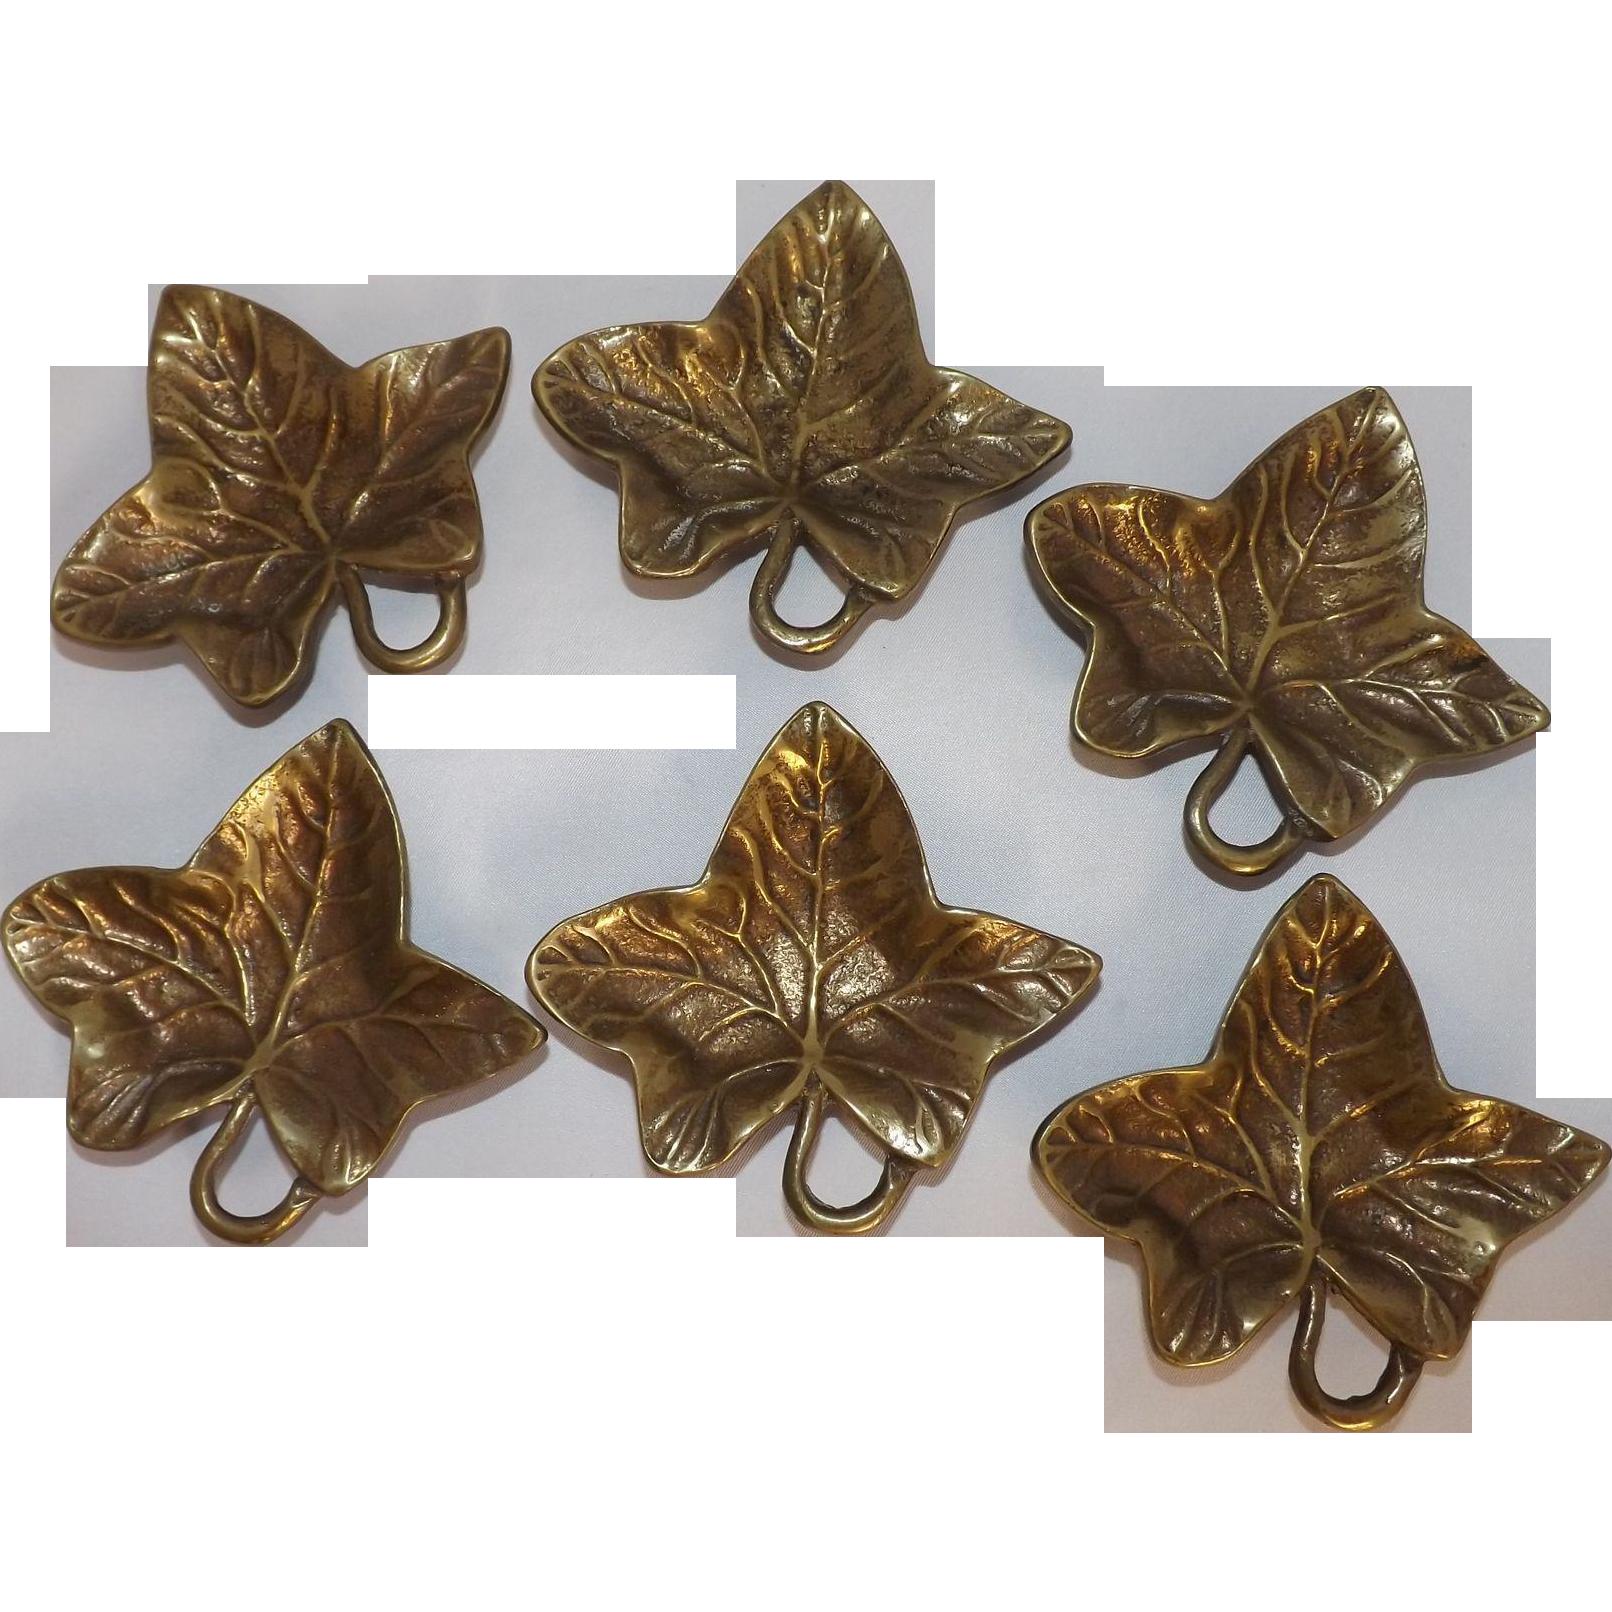 Vintage Brass Ivy Leaf Nut Dishes - Set of 6